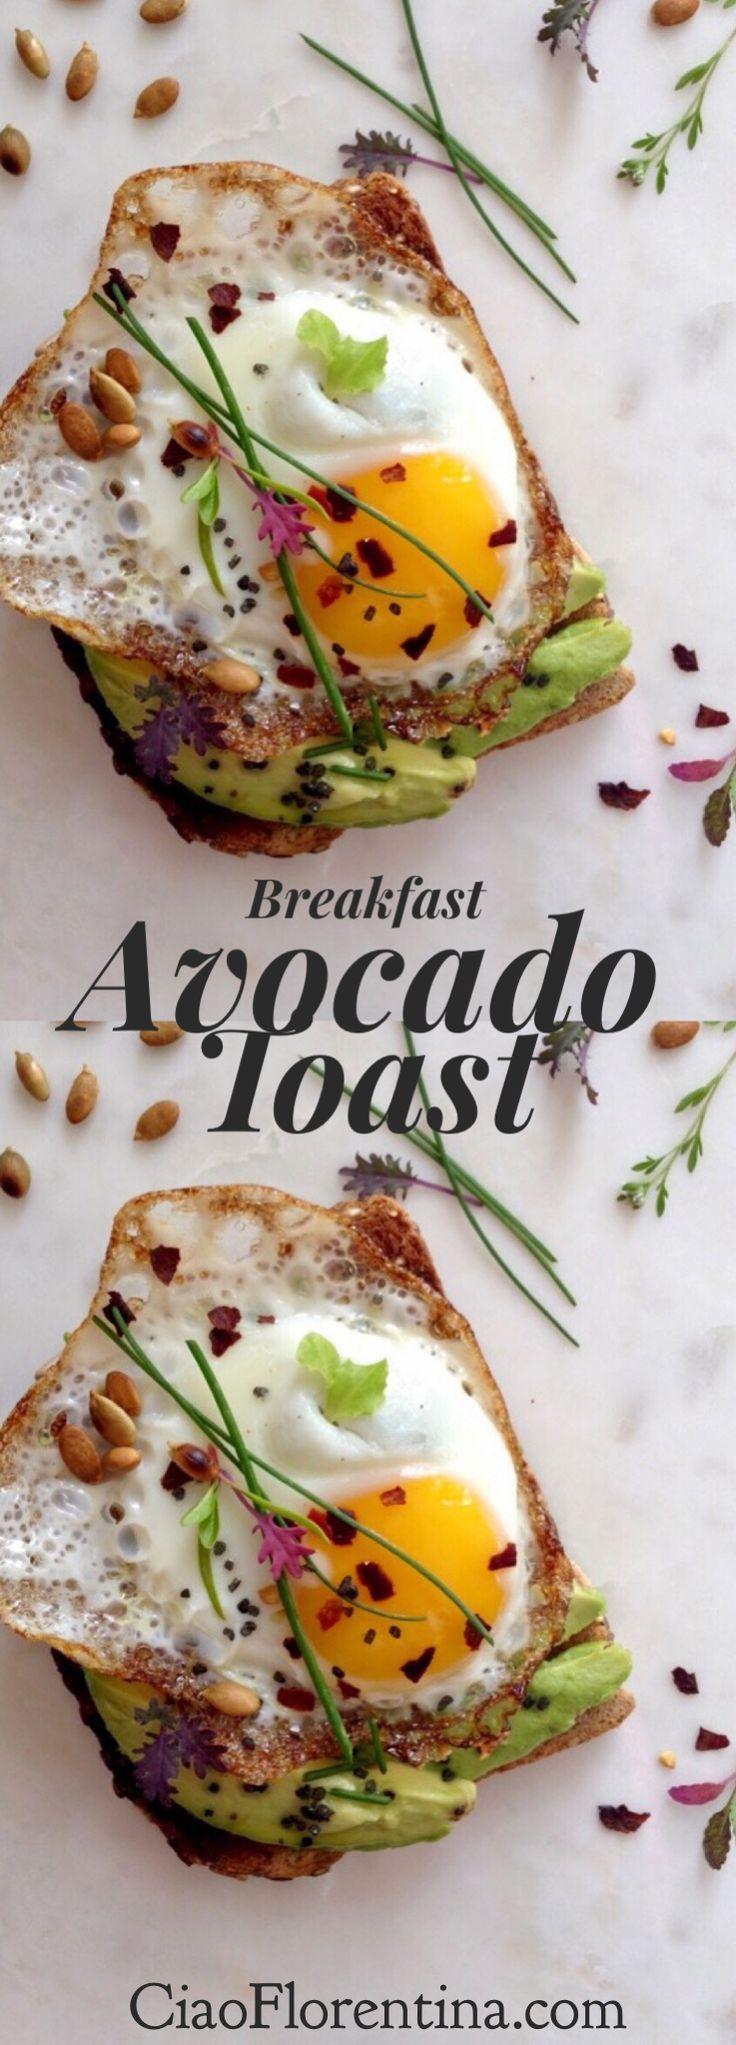 Breakfast Avocado Toast   | CiaoFlorentina.com @CiaoFlorentina